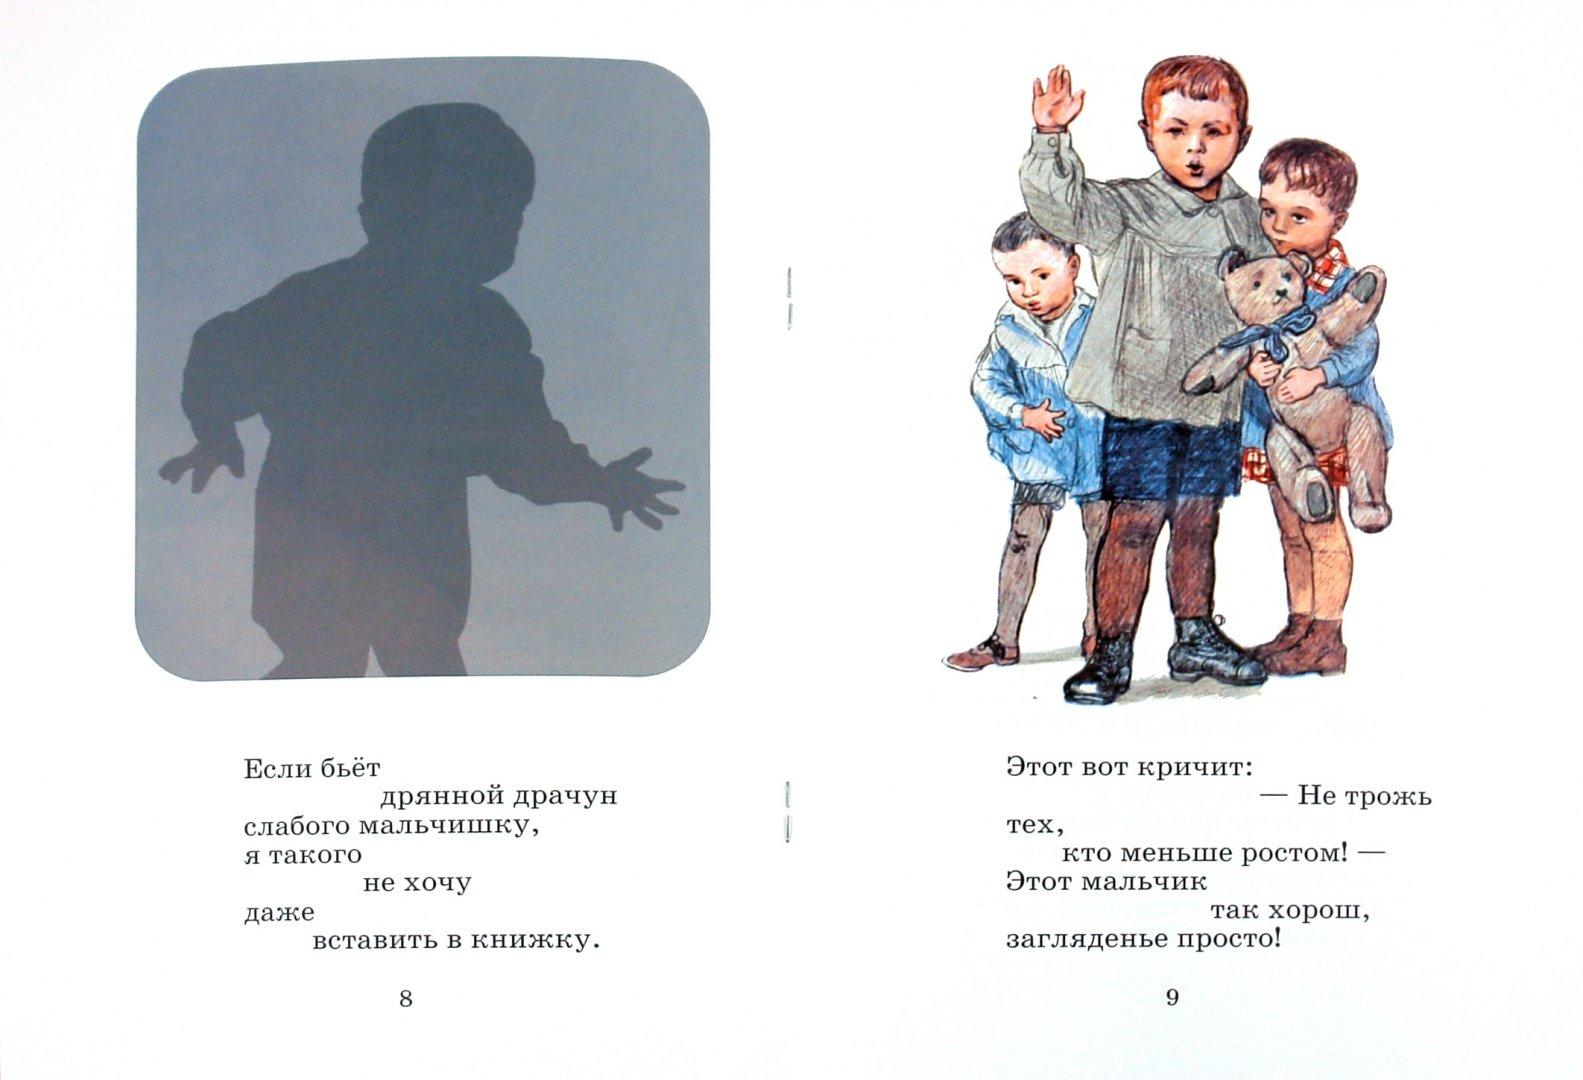 Иллюстрация 1 из 11 для Что такое хорошо и что такое плохо - Владимир Маяковский | Лабиринт - книги. Источник: Лабиринт